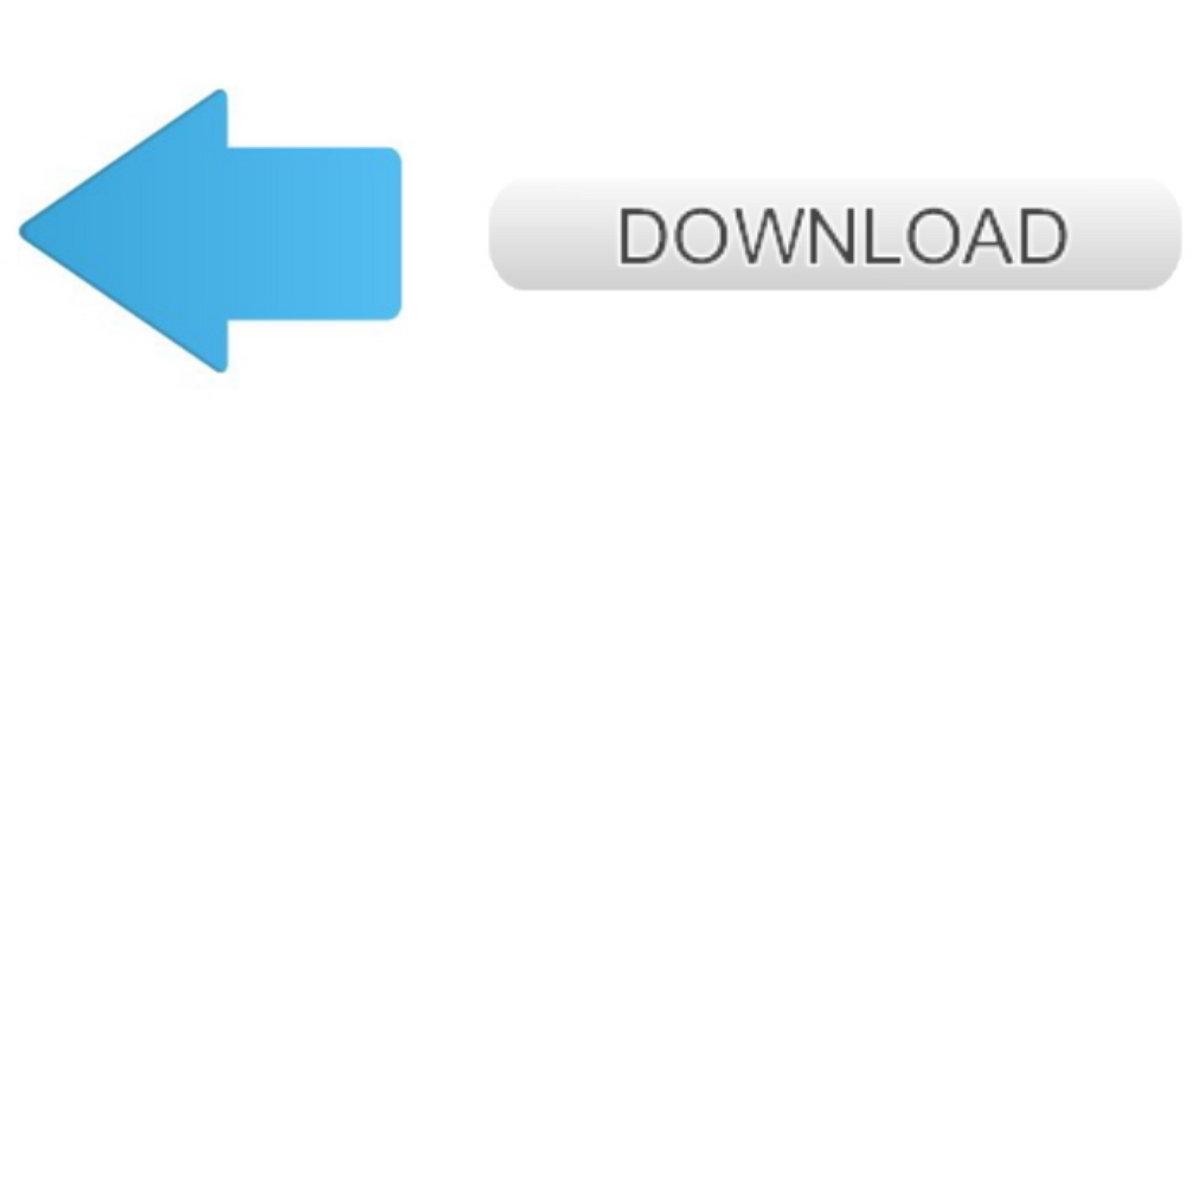 Descargar Google Account Manager 6 0 1 Apk Descargar Google Account Manager 6 0 1 Apk Willingham